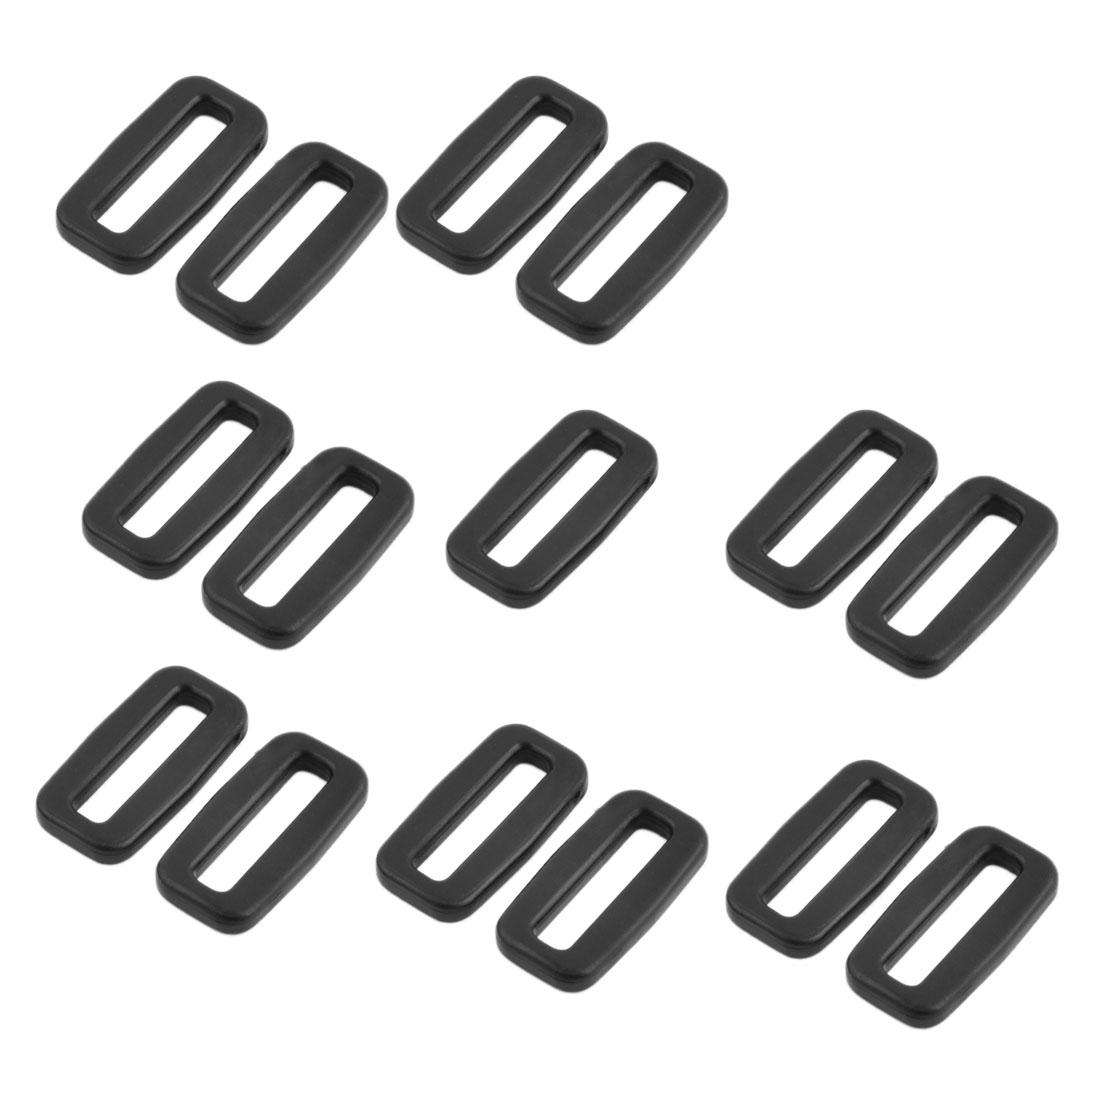 Bag Plastic Belt Removable Lock Tri Glide Buckles Black 25mm Strap Width 15 Pcs